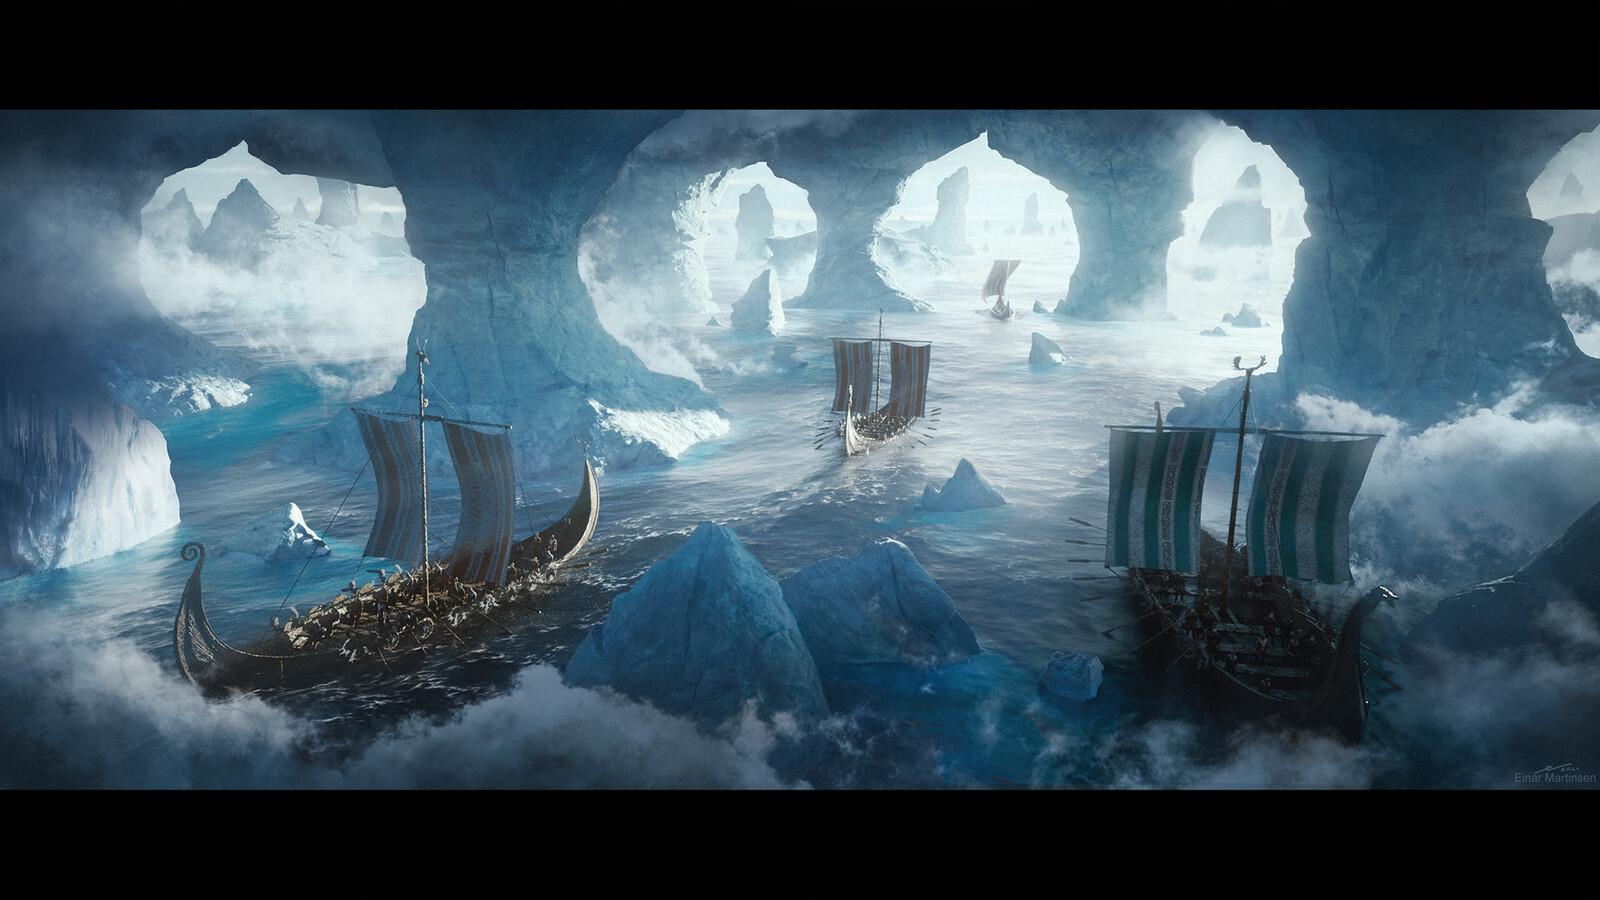 Frozen voyage